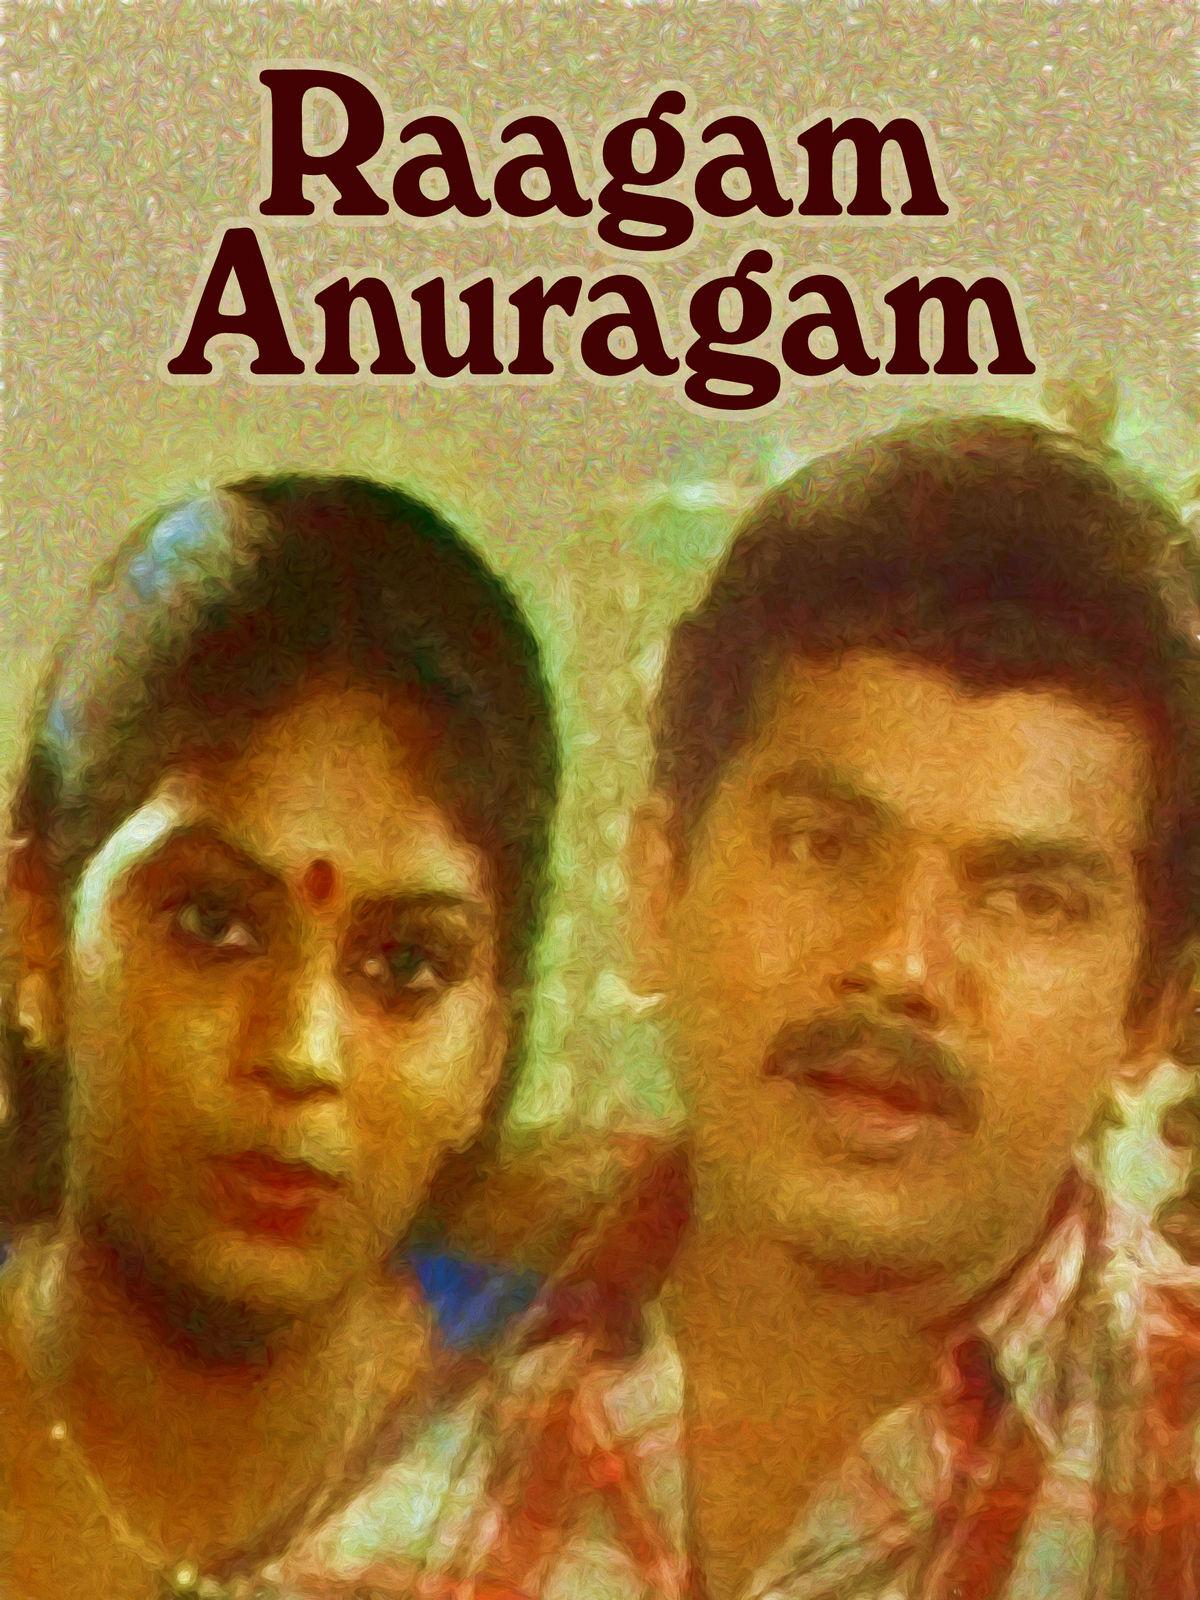 Raagam Anuragam